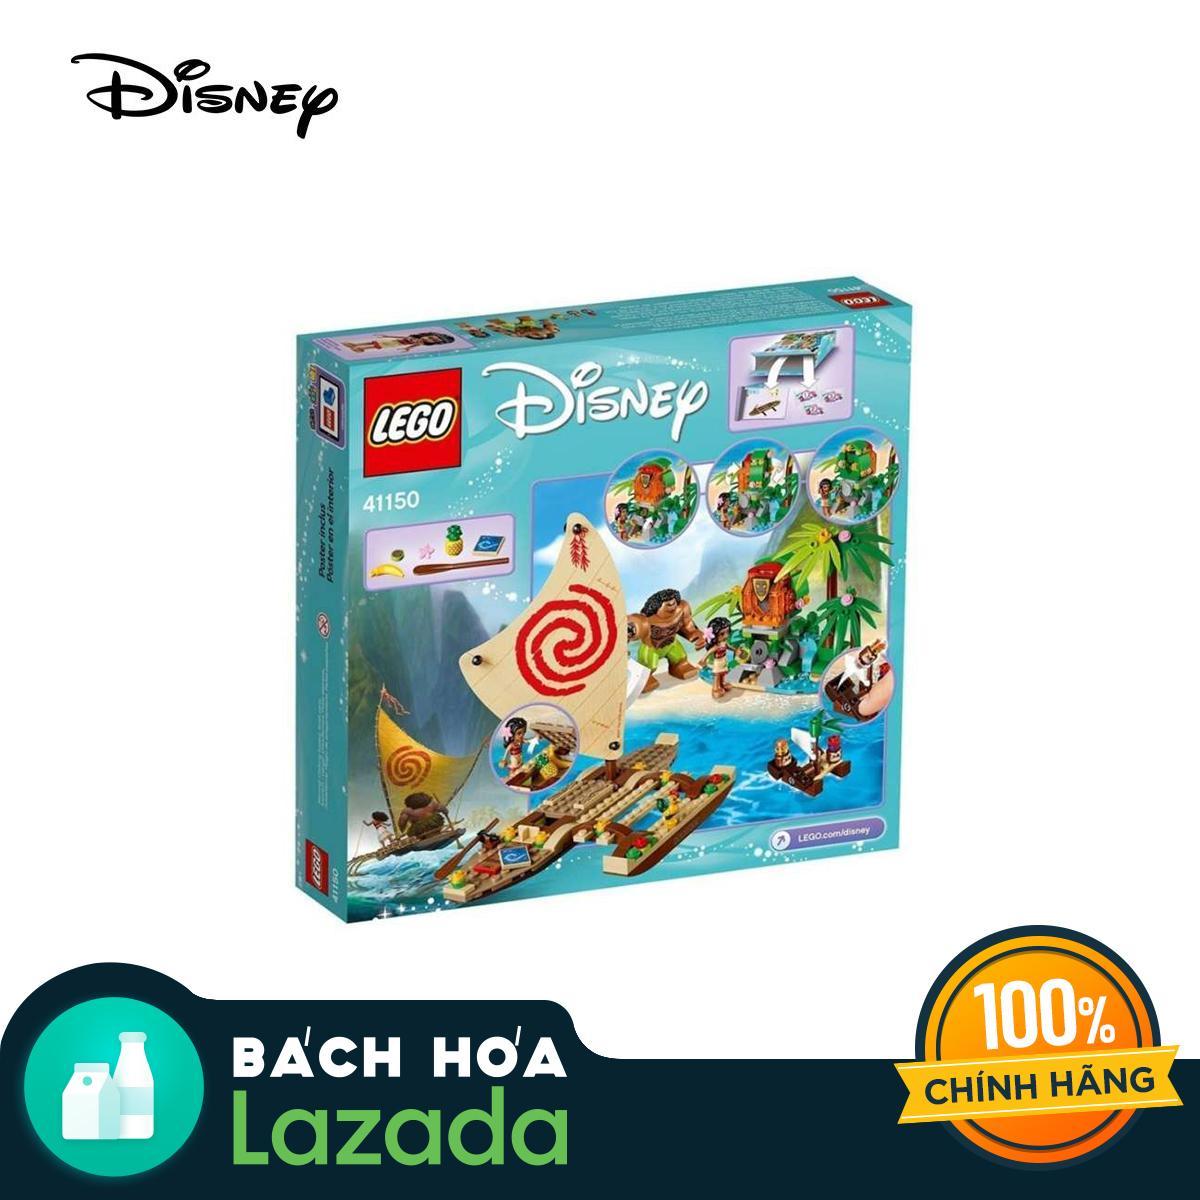 Mã Ưu Đãi Khi Mua Bộ Lắp Ráp Lego Disney Moana Hành Trình Khám Phá đại Dương 41150